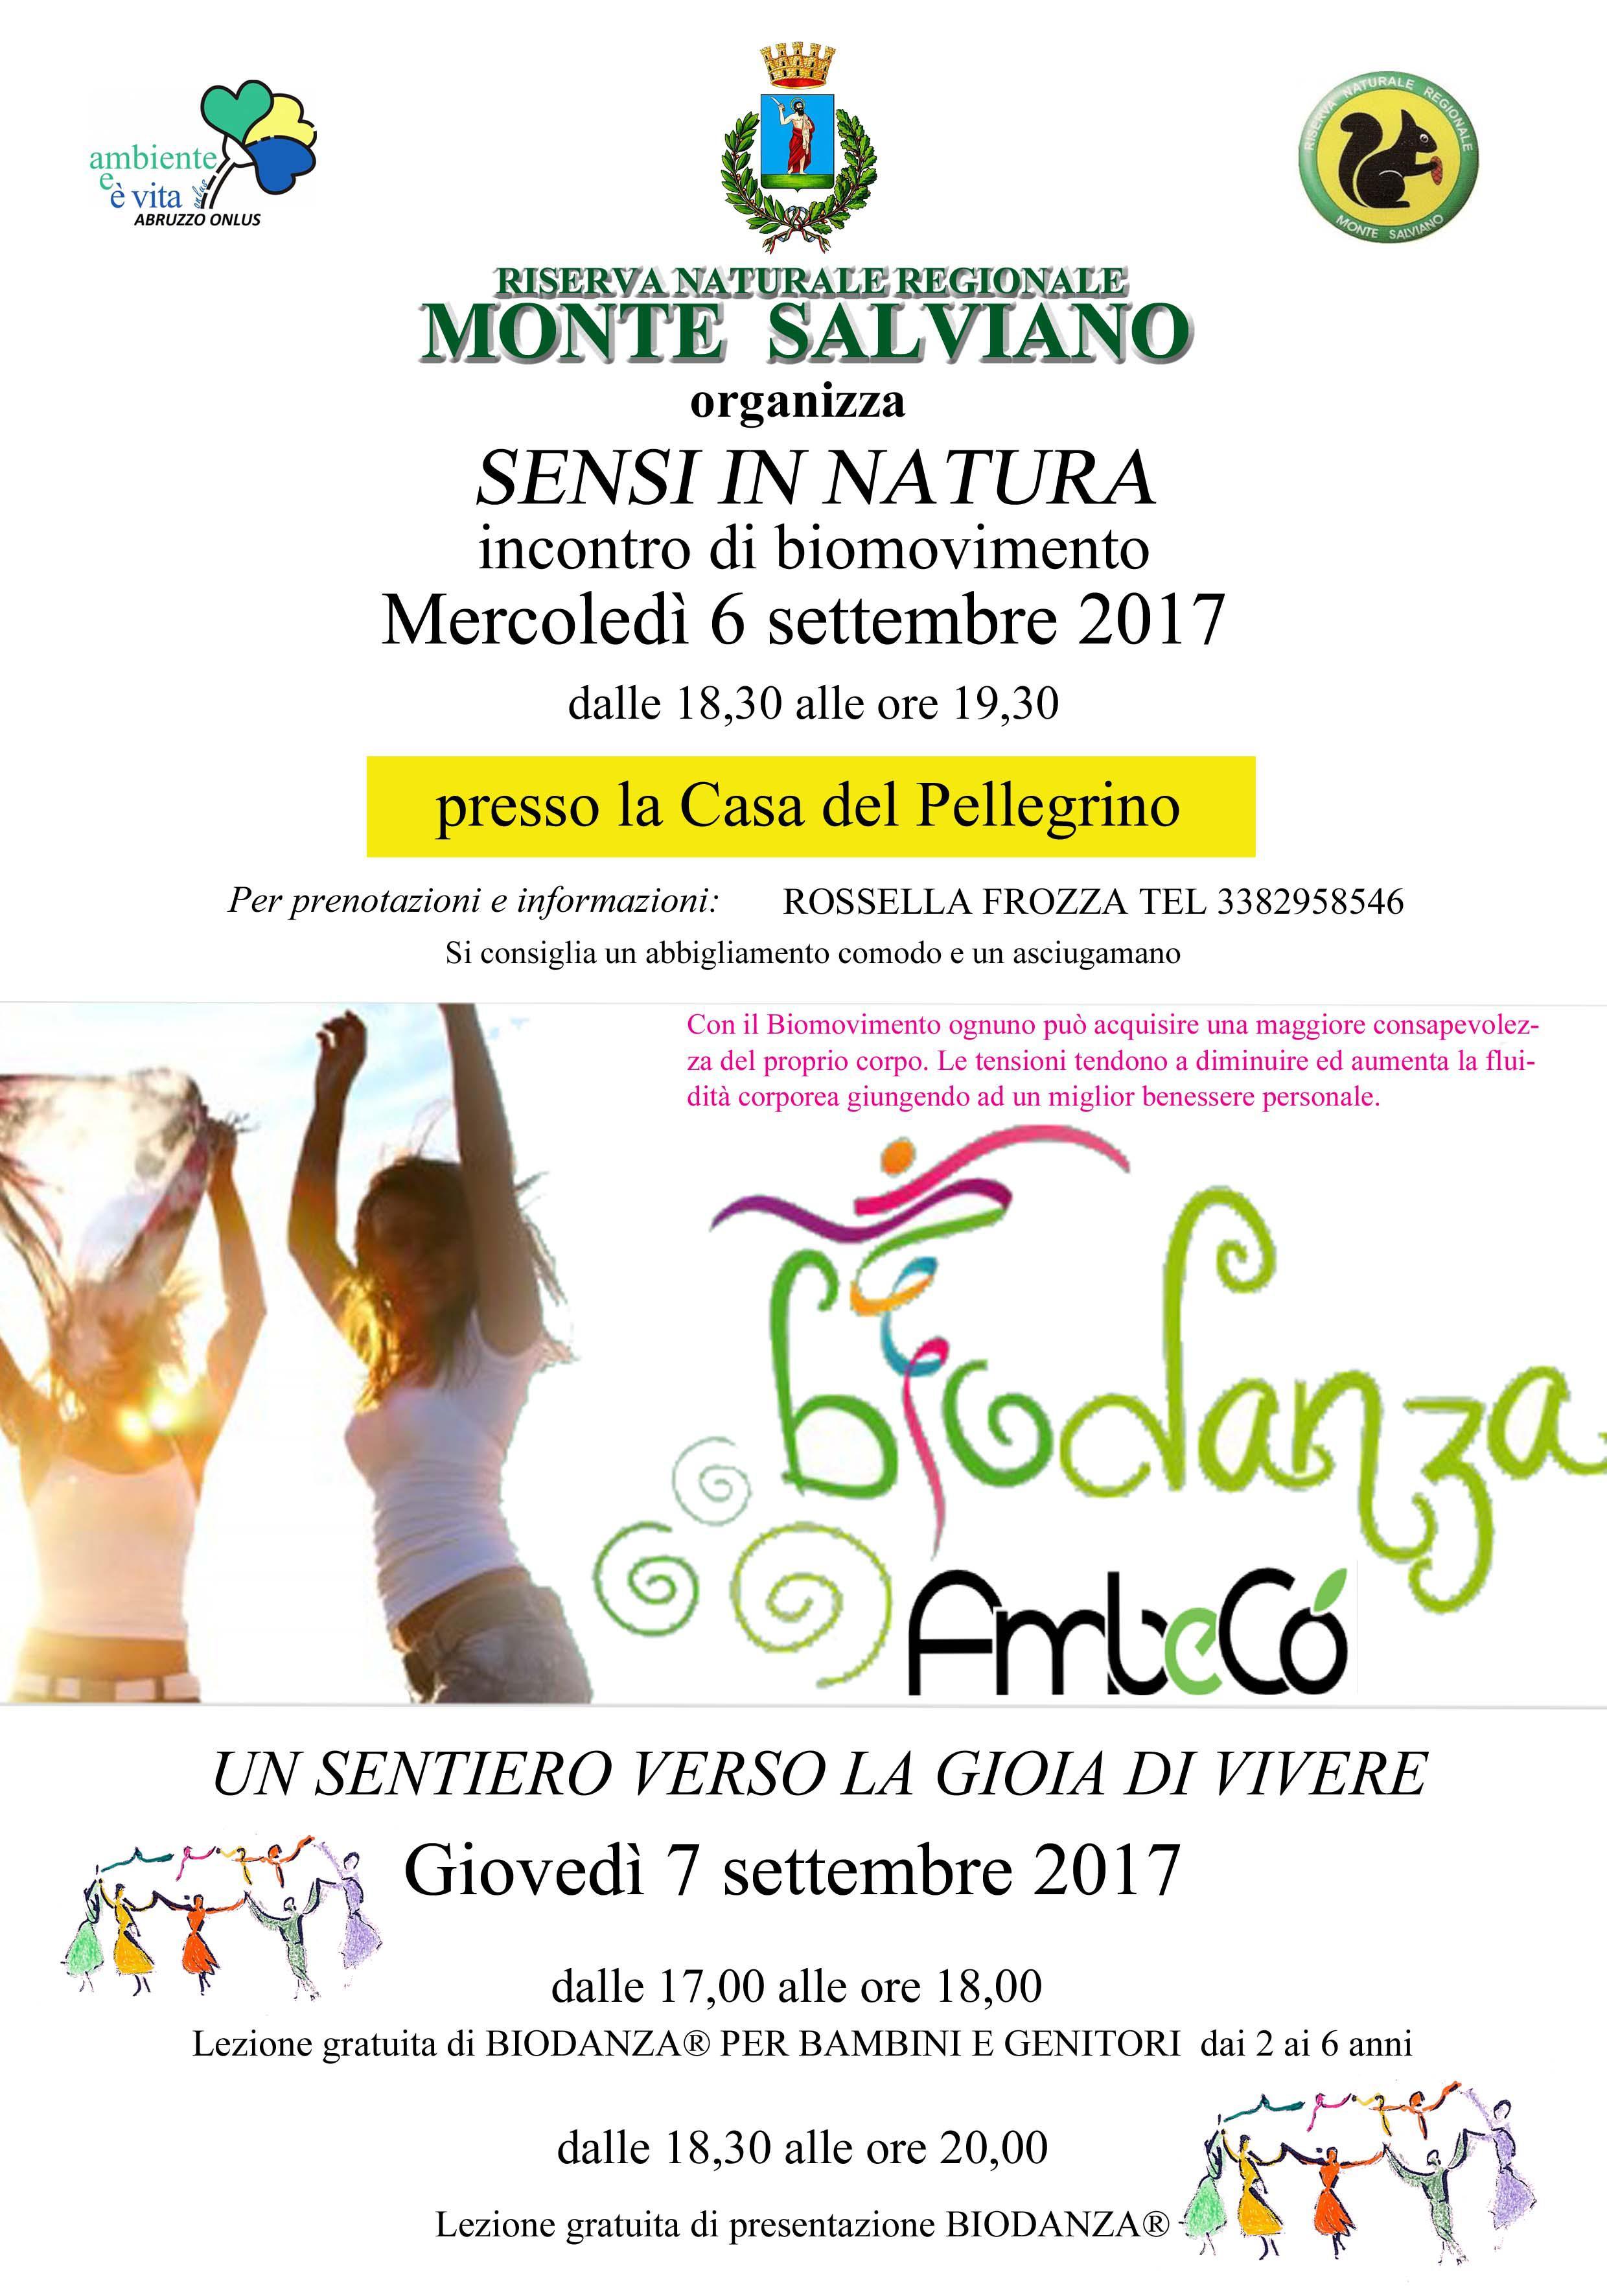 Biomovimento e Biodanza in Riserva